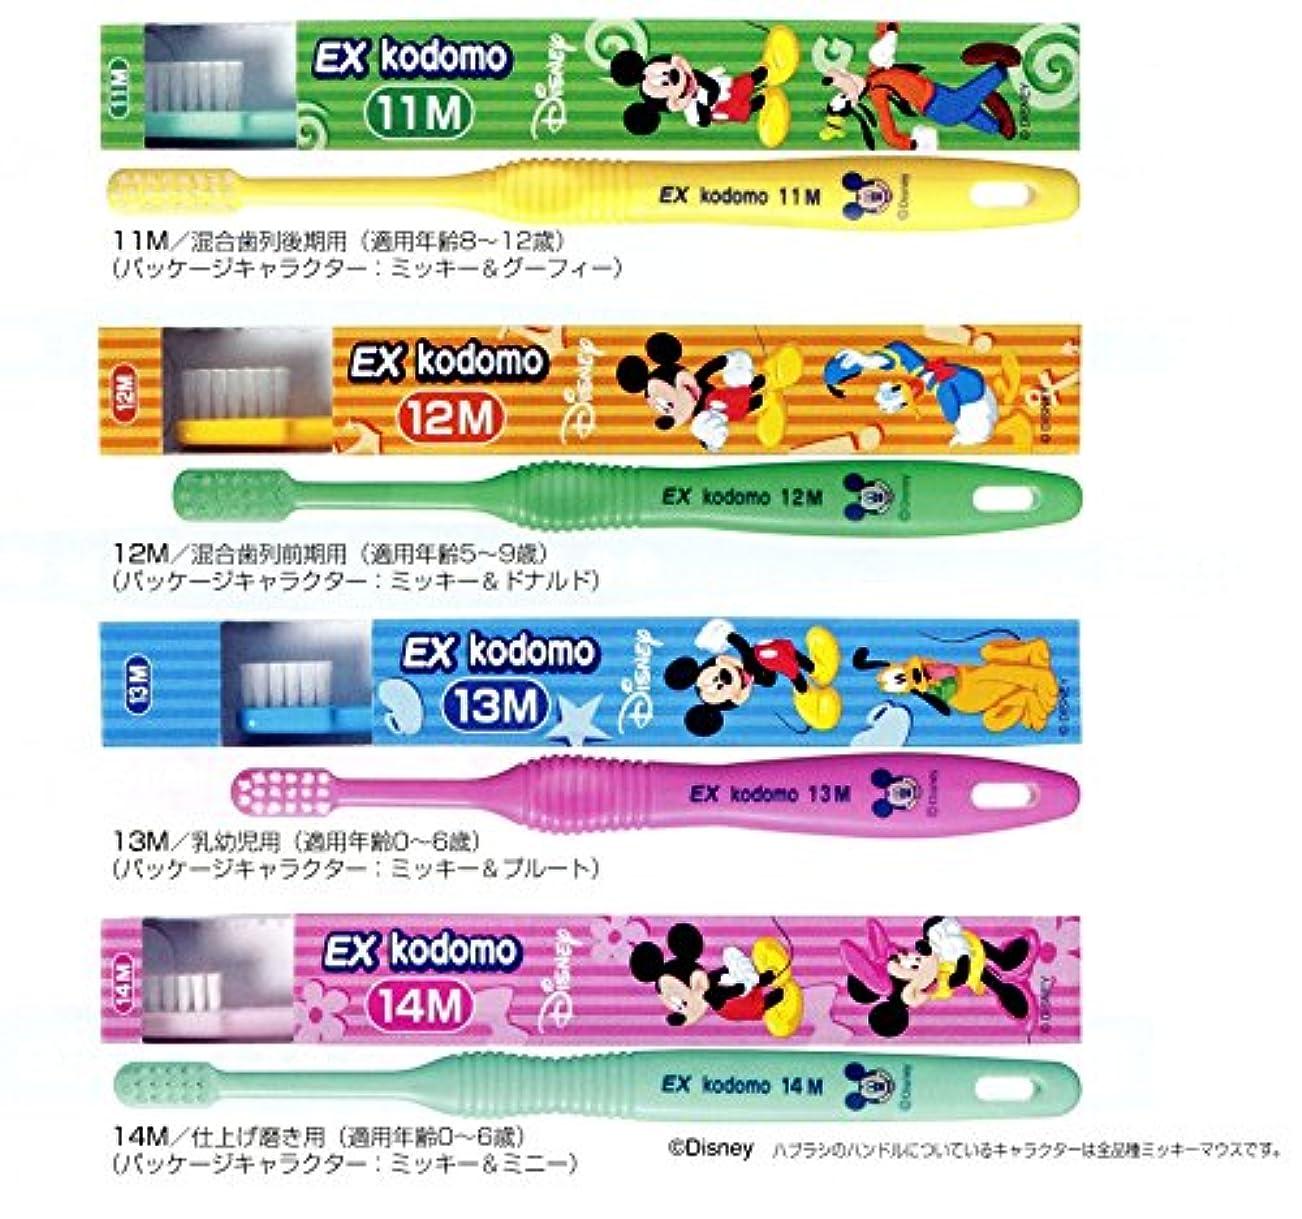 海賊簡単な変化するライオン コドモ ディズニー DENT.EX kodomo Disney 1本 12M ピンク (5?9歳)